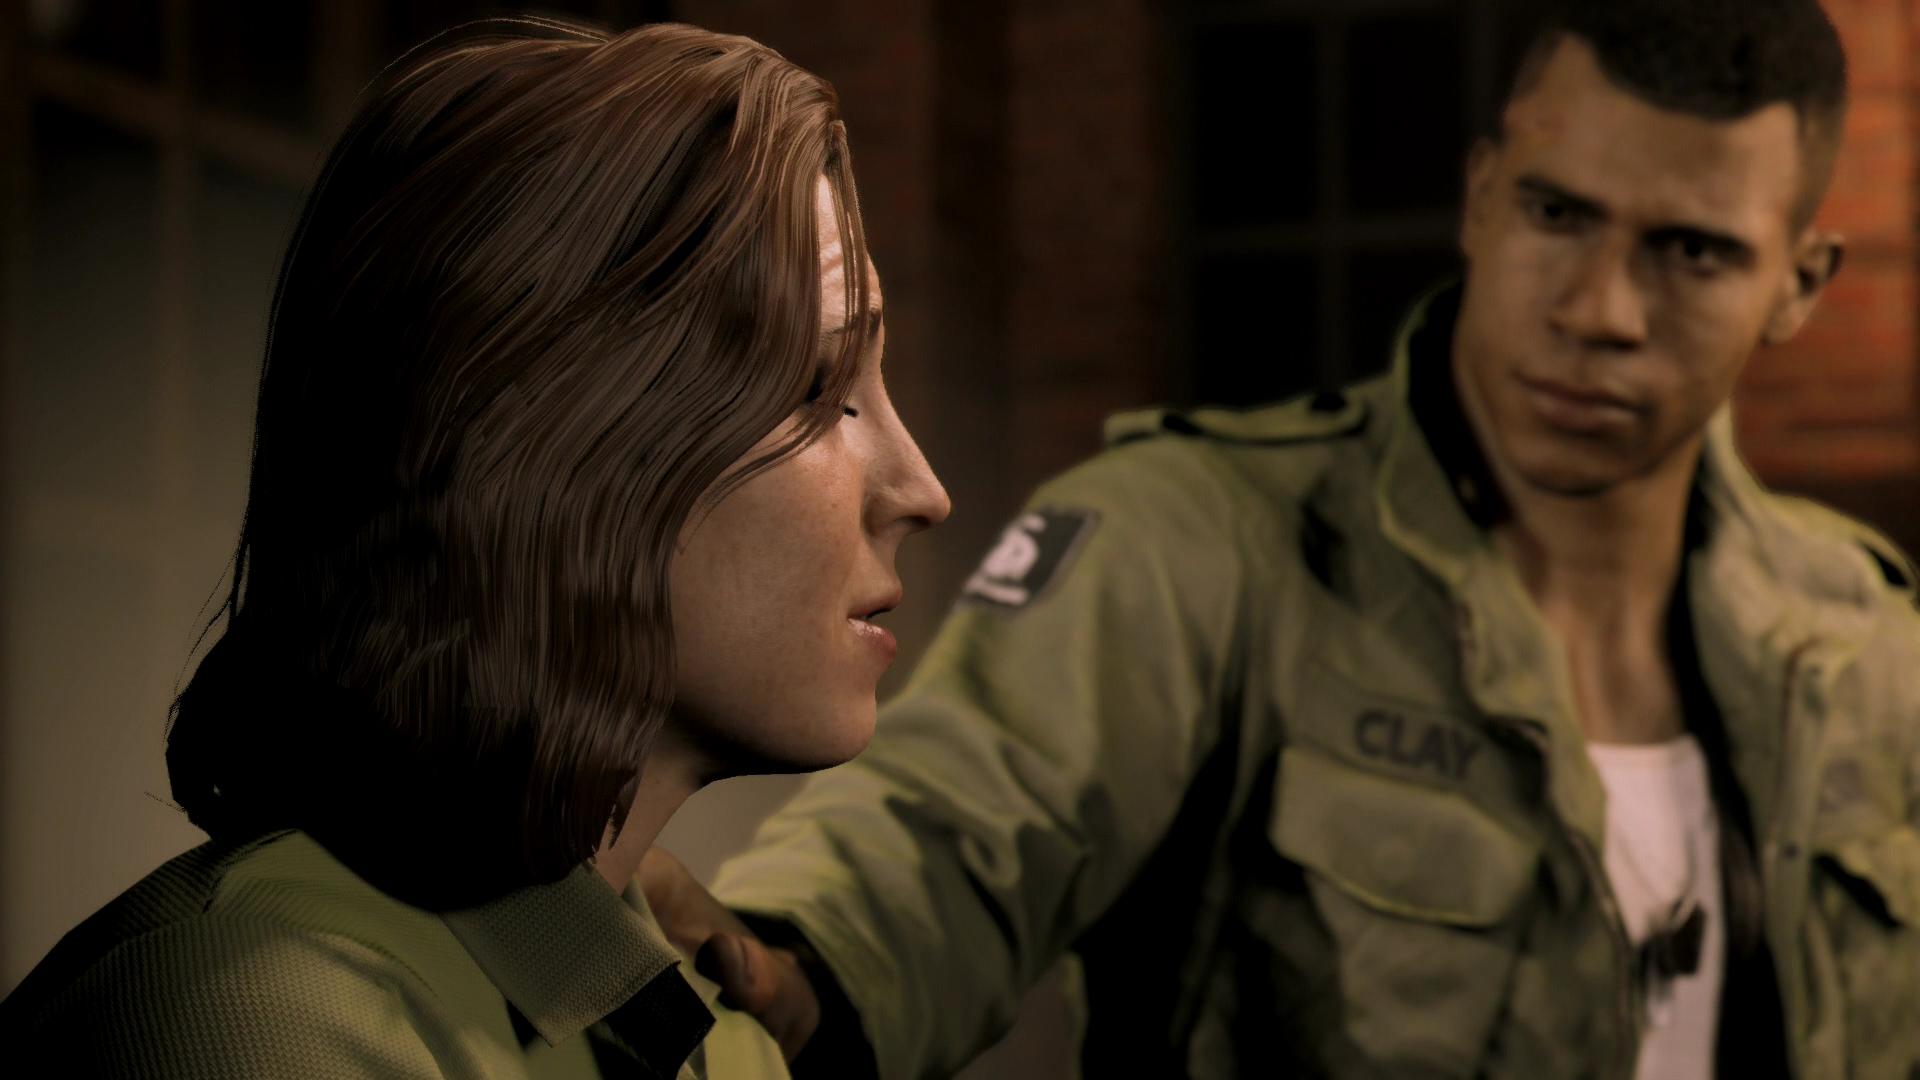 バークの副官は実の娘でダニーの姉のニッキーだ。サブミッションを進めると衝撃の事実が明らかになる